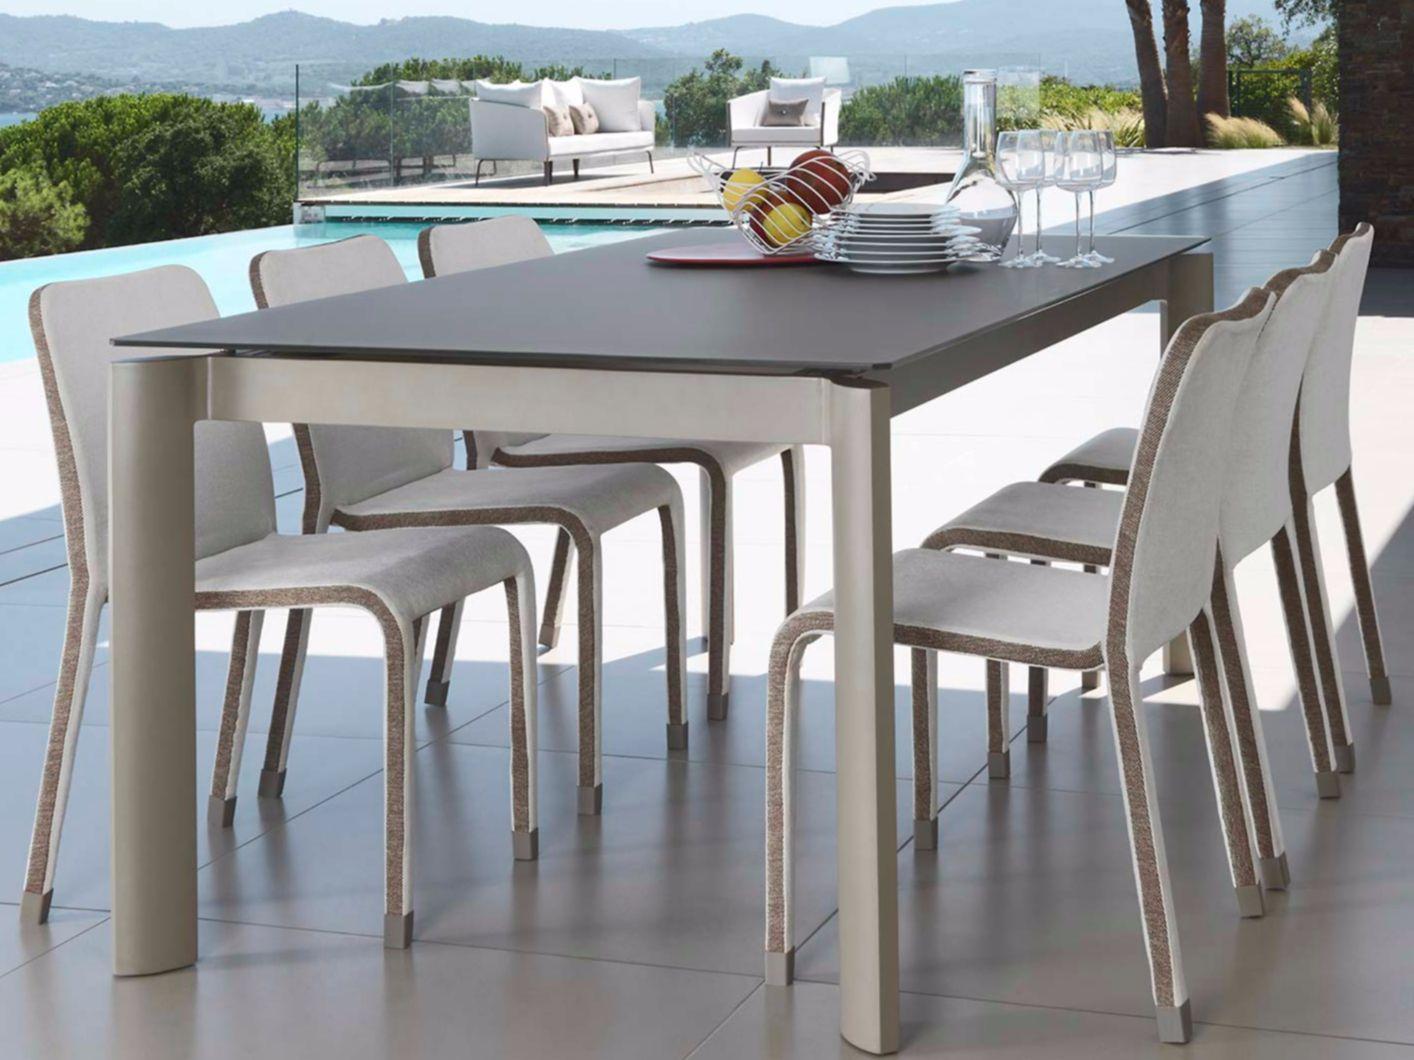 Milo fabric tavolo collezione milo fabric by talenti for Tavolo giardino